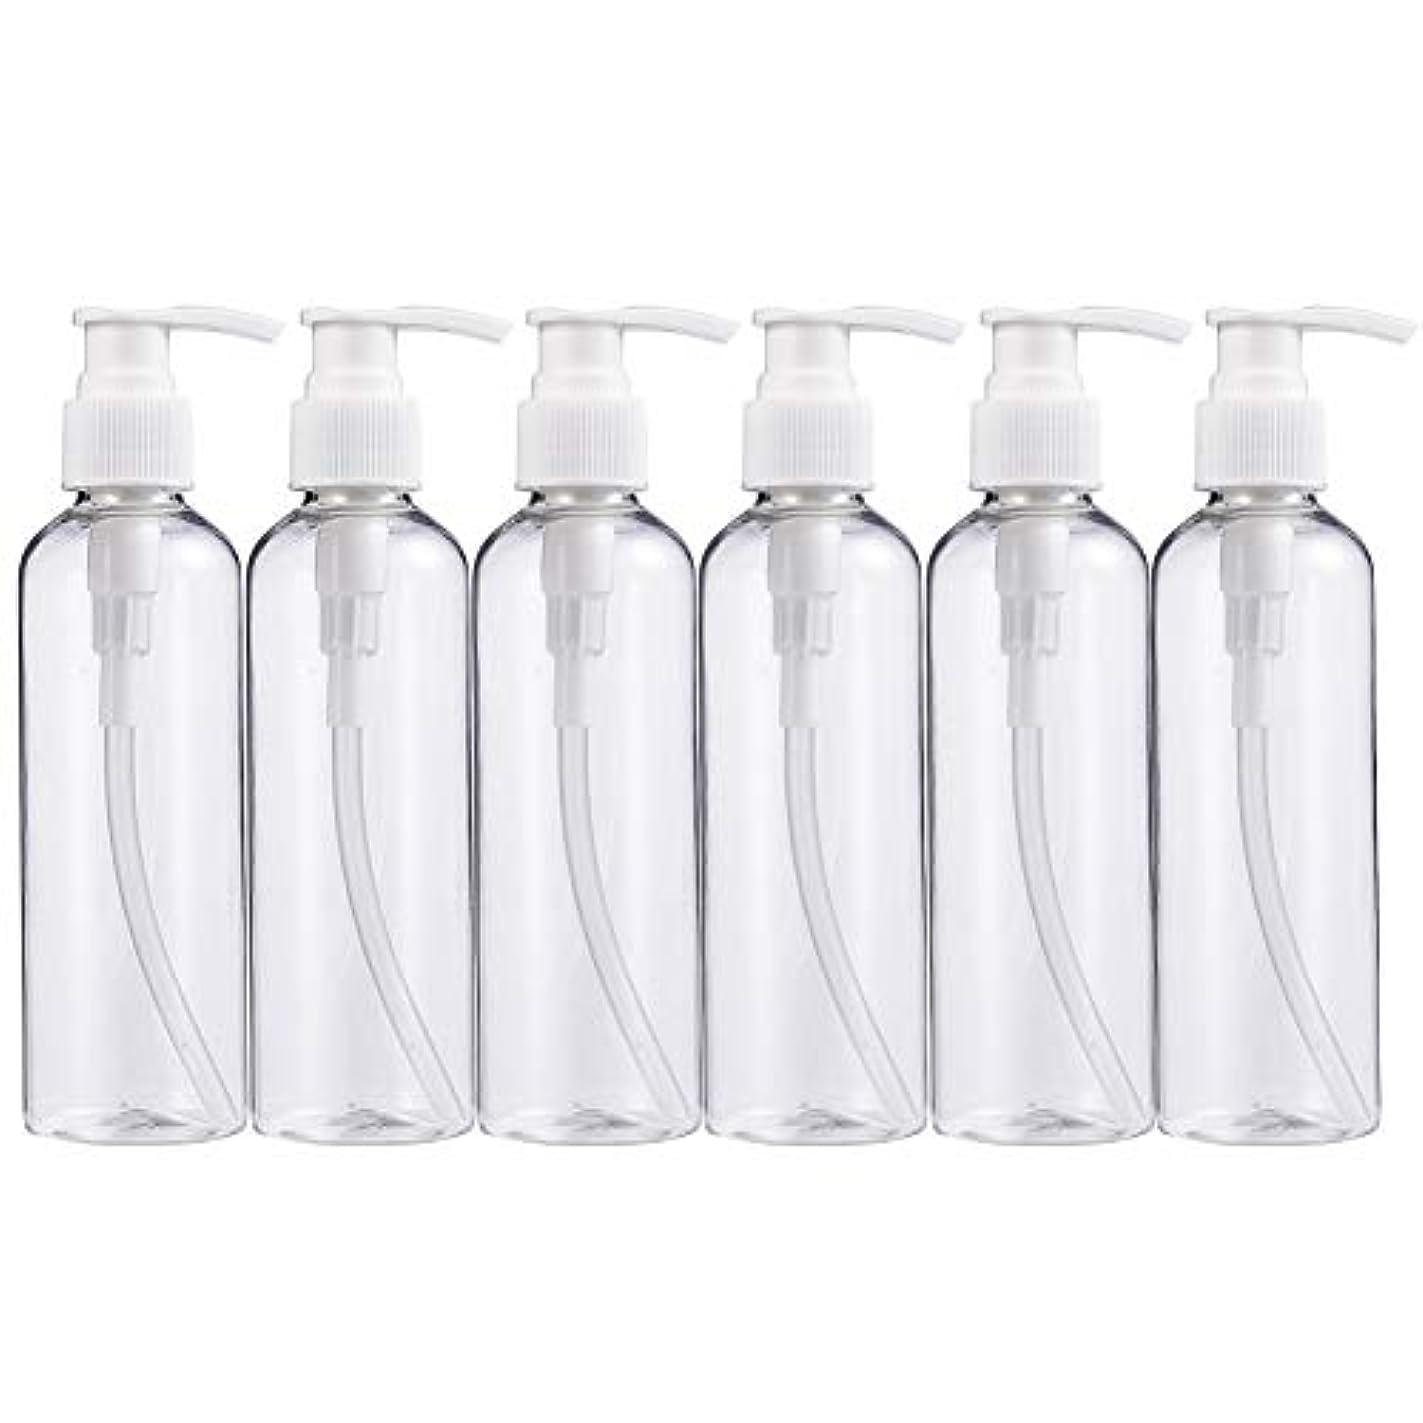 テクニカル締める横BENECREAT 200mlプラスティックスボトル 6個セット小分けボトル プラスチック容器 液体用空ボトル 押し式詰替用ボトル 詰め替え シャンプー クリーム 化粧品 収納瓶